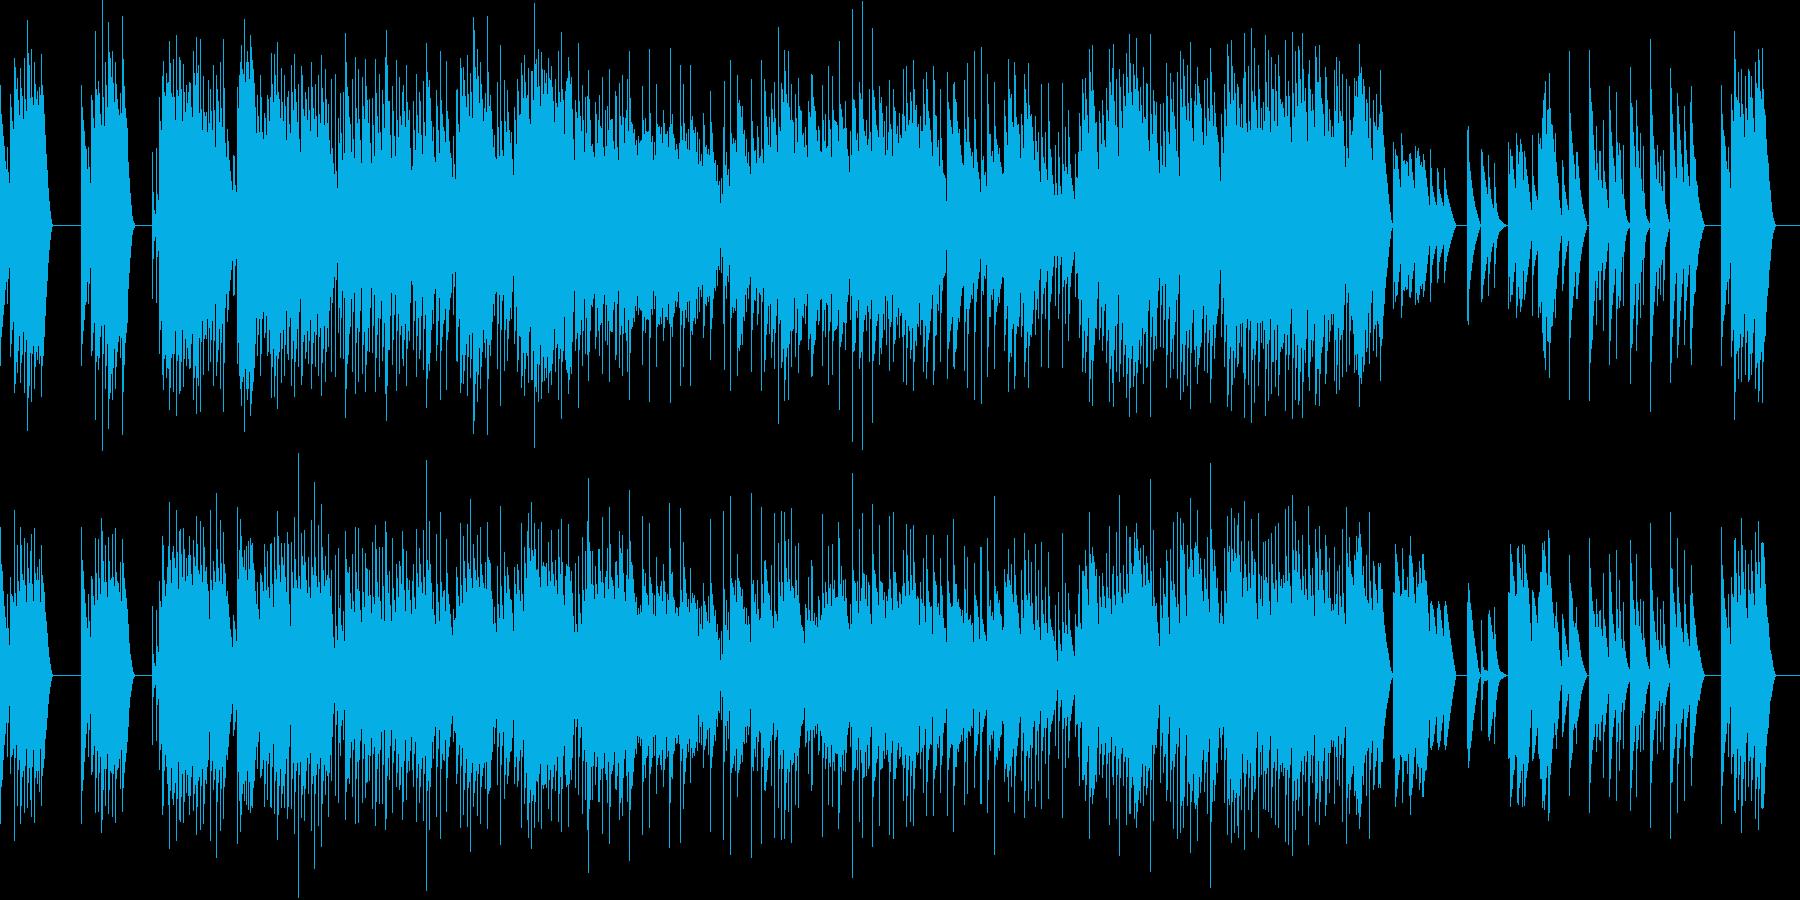 フォーレ 1.前奏曲  オルゴールの再生済みの波形